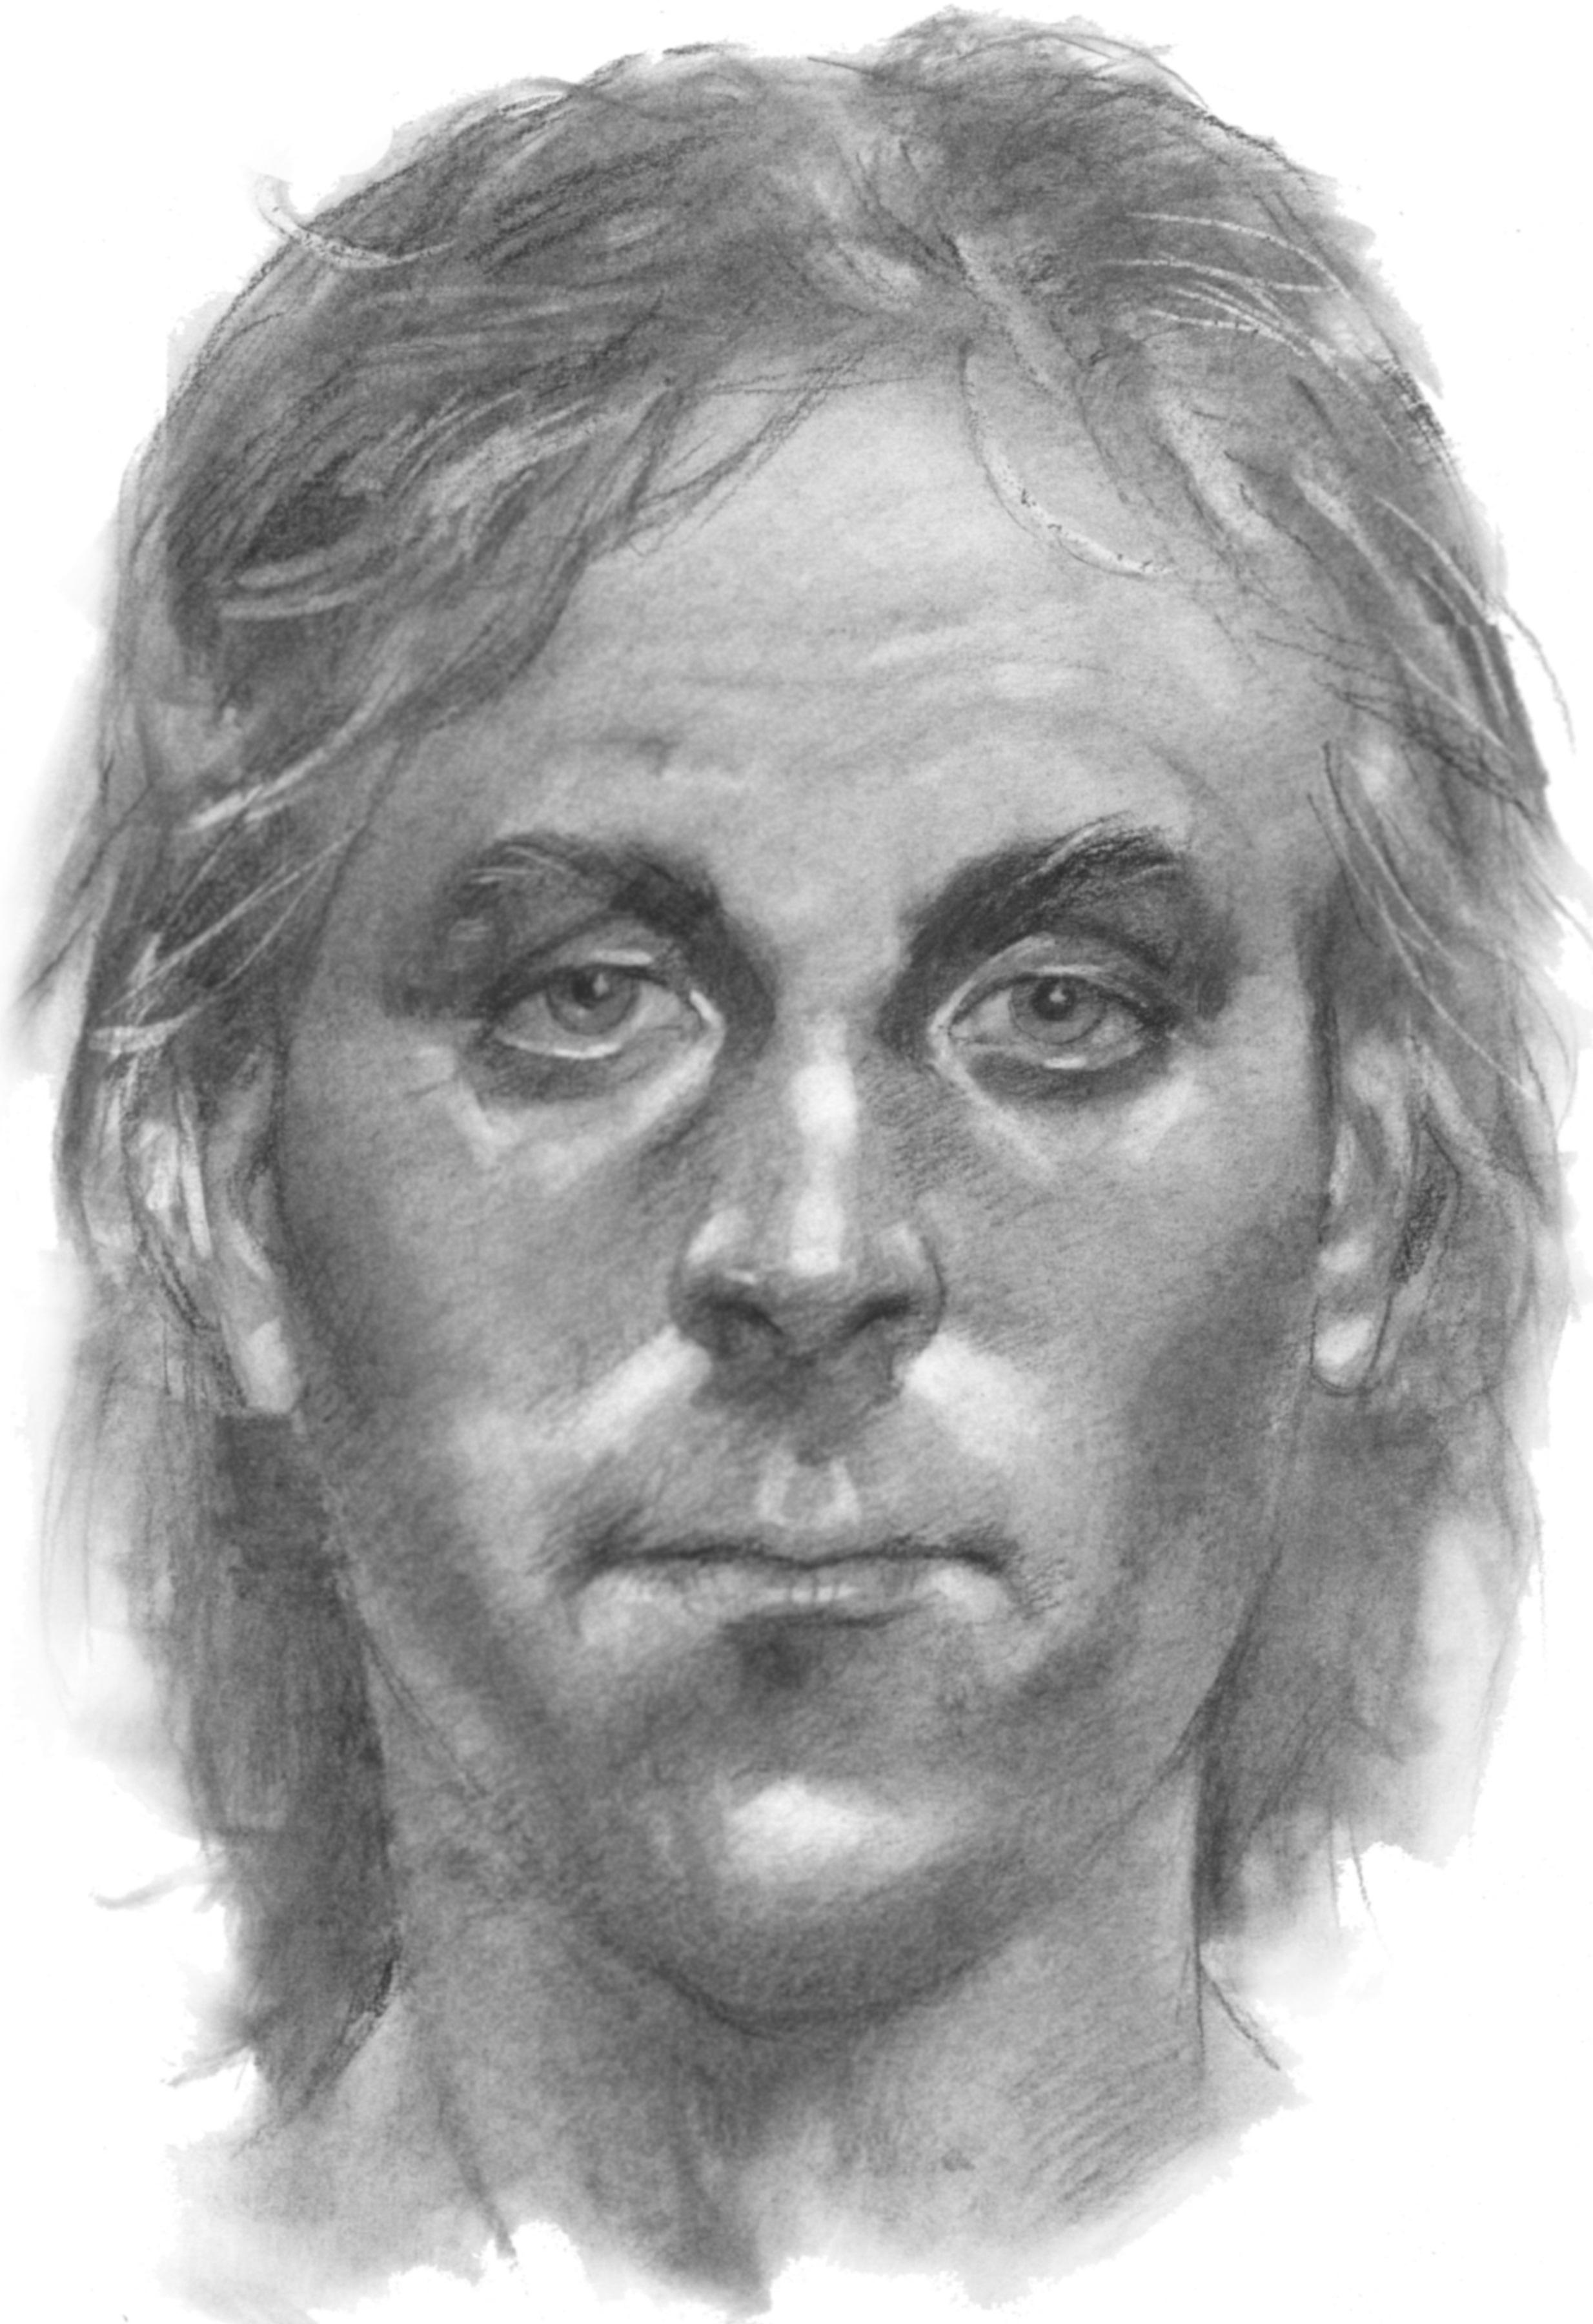 Smith County John Doe (2004)